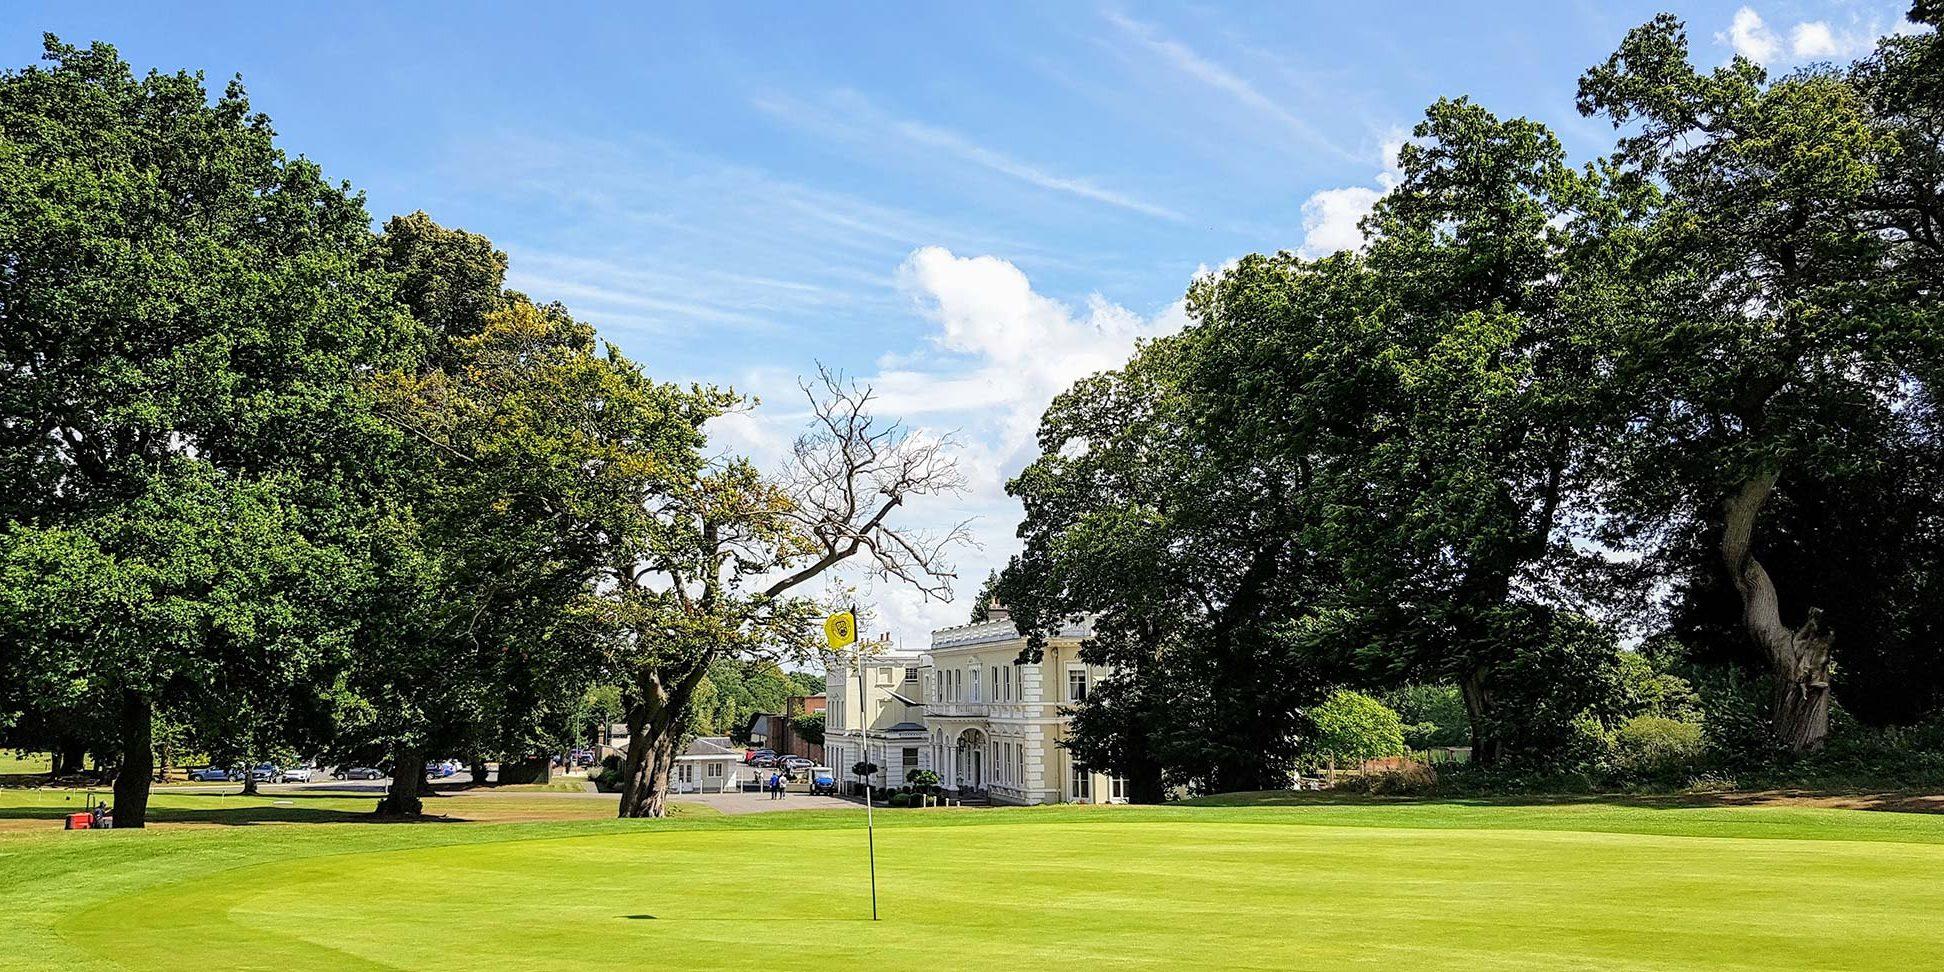 Prestigious Venues Golf Day 2019, 35